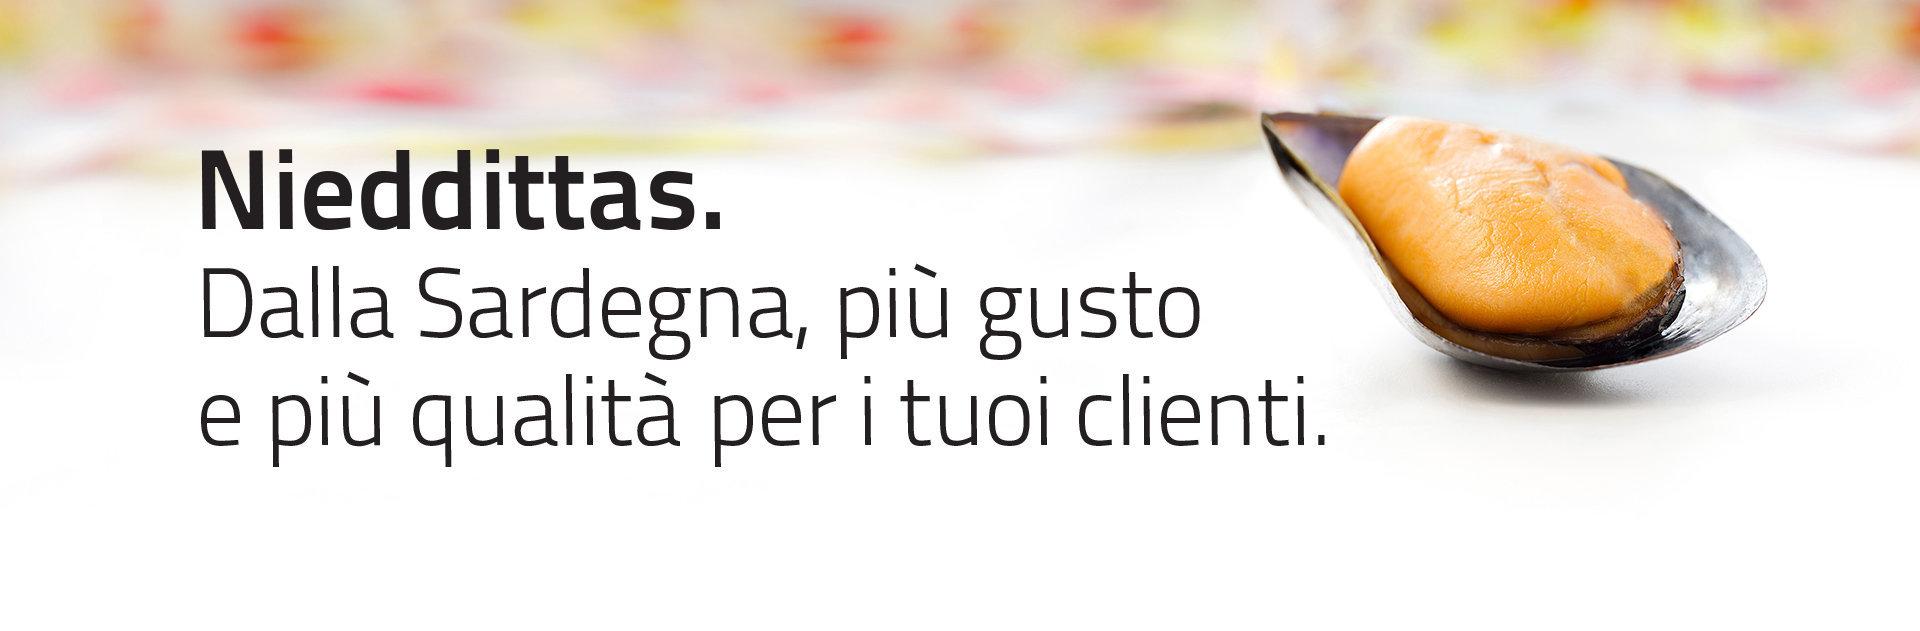 Nieddittas. Dalla Sardegna, più gusto e più qualità per i tuoi clienti.